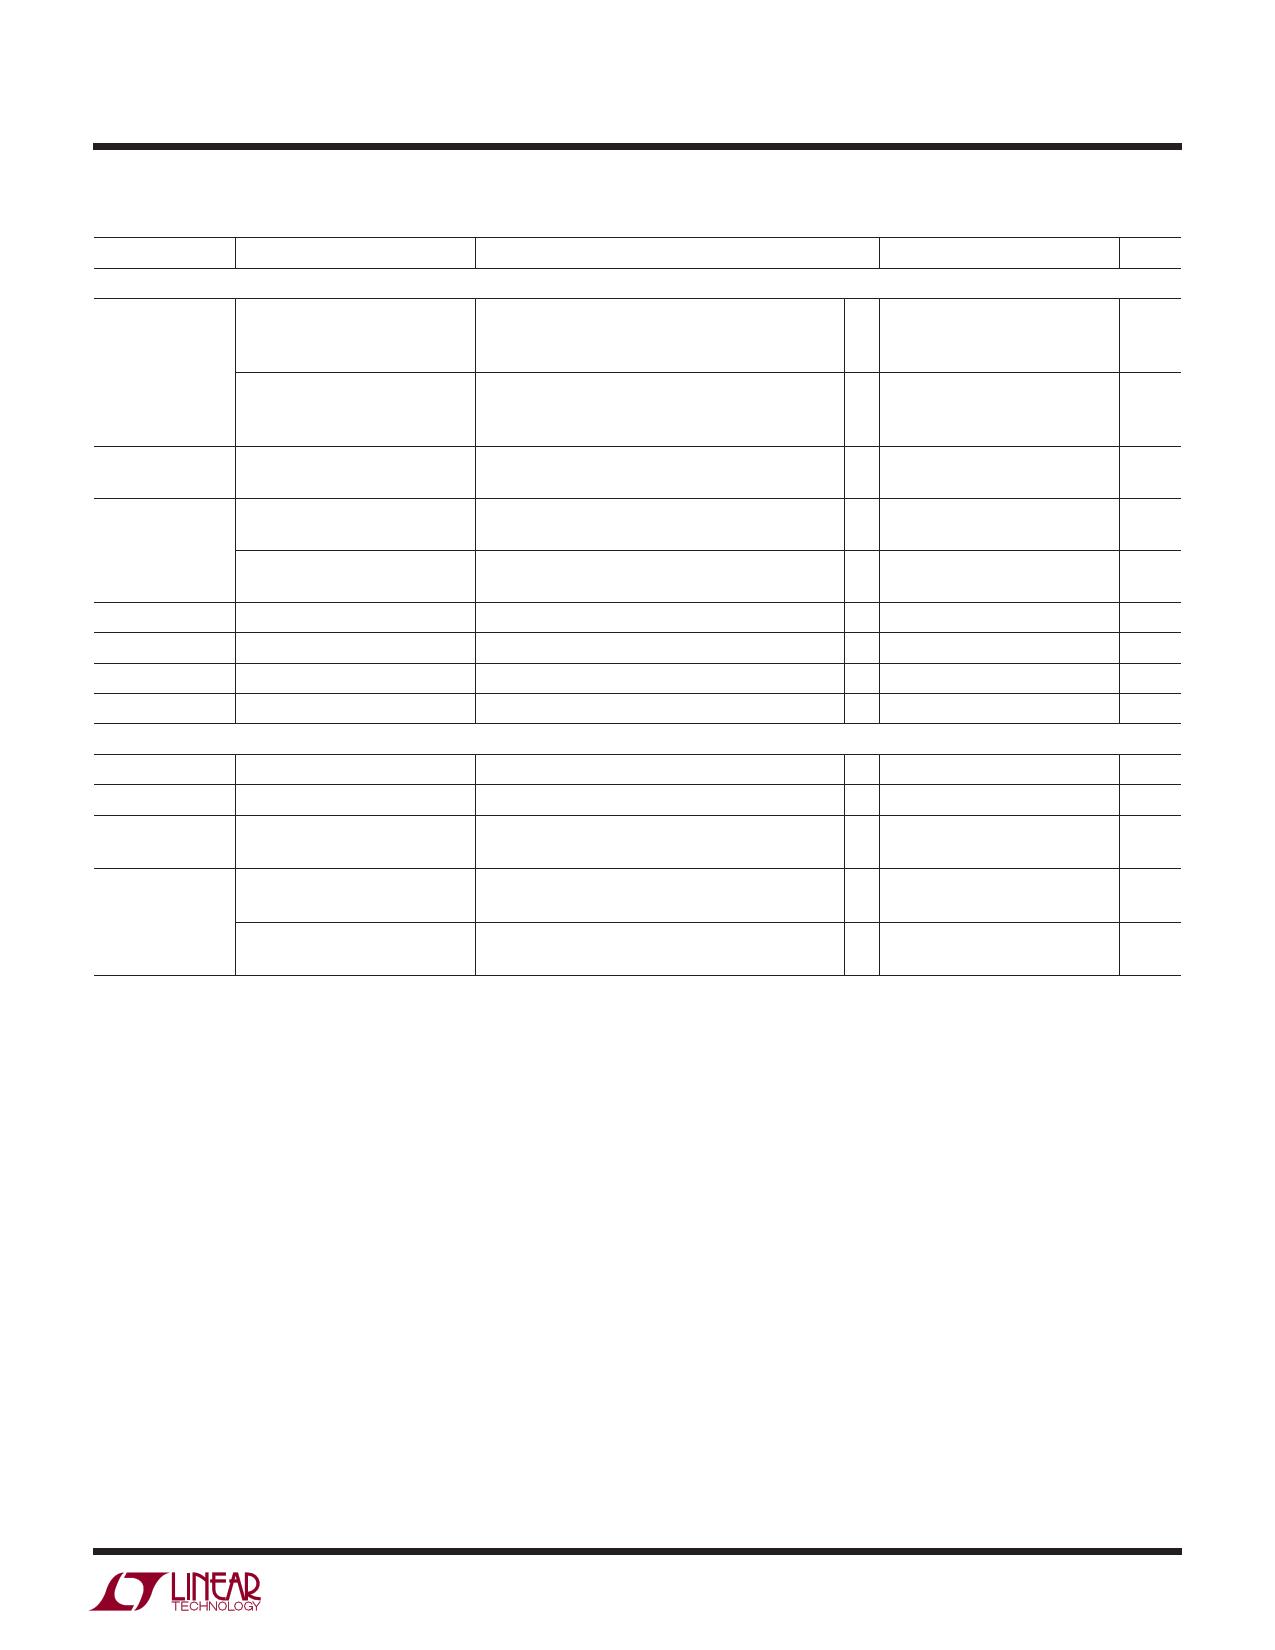 LTC3203-1 pdf, ピン配列